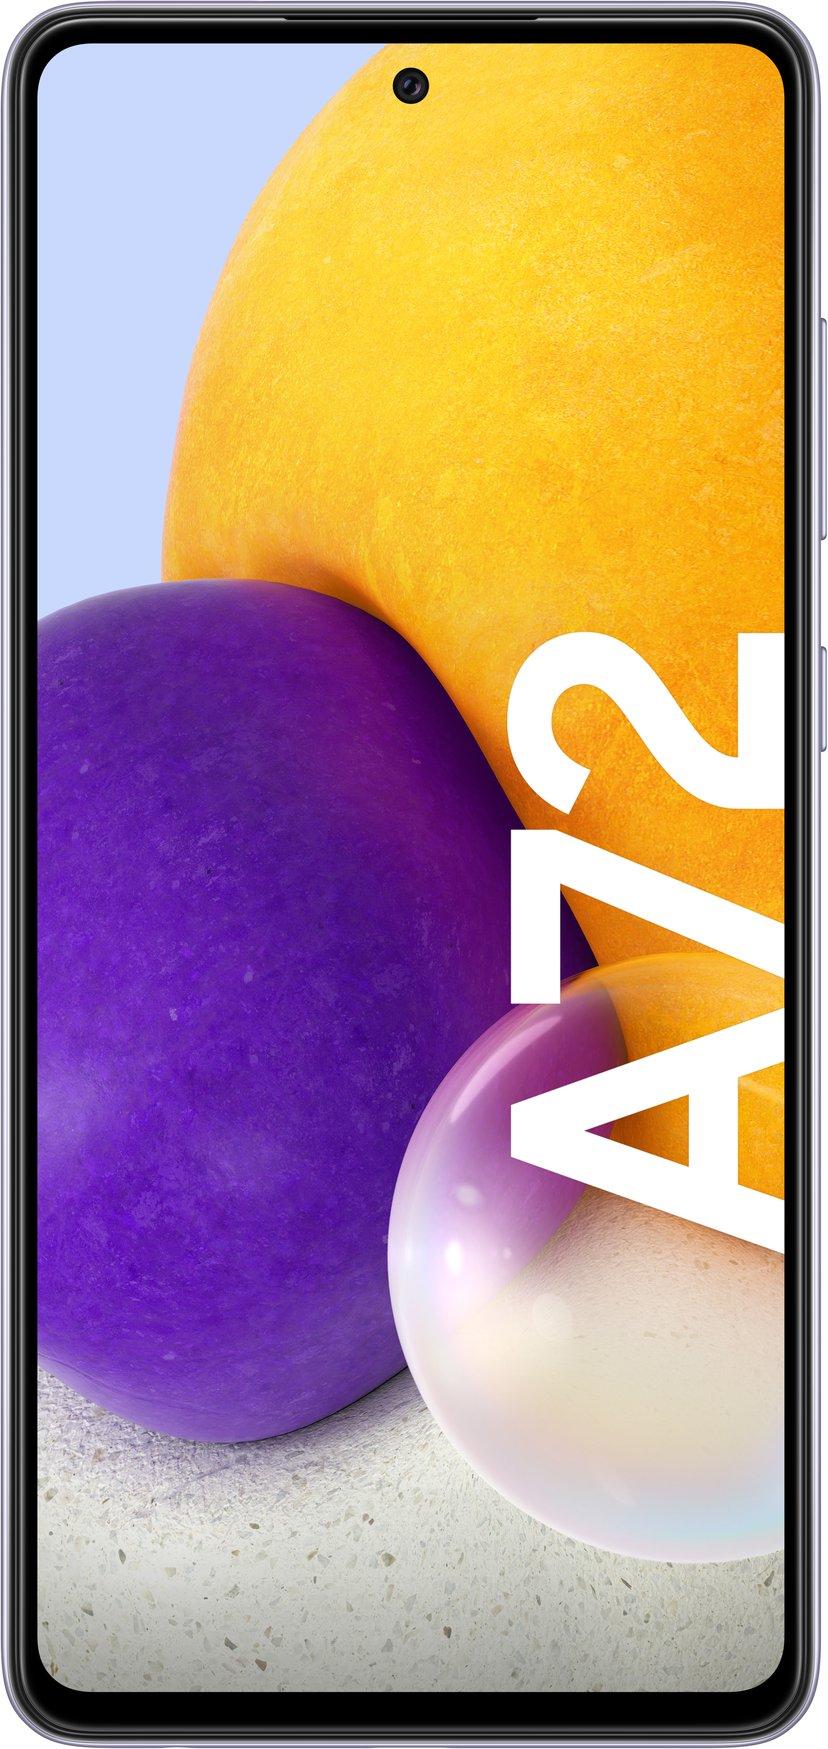 Samsung Galaxy A72 128GB Dobbelt-SIM Kul fiolett